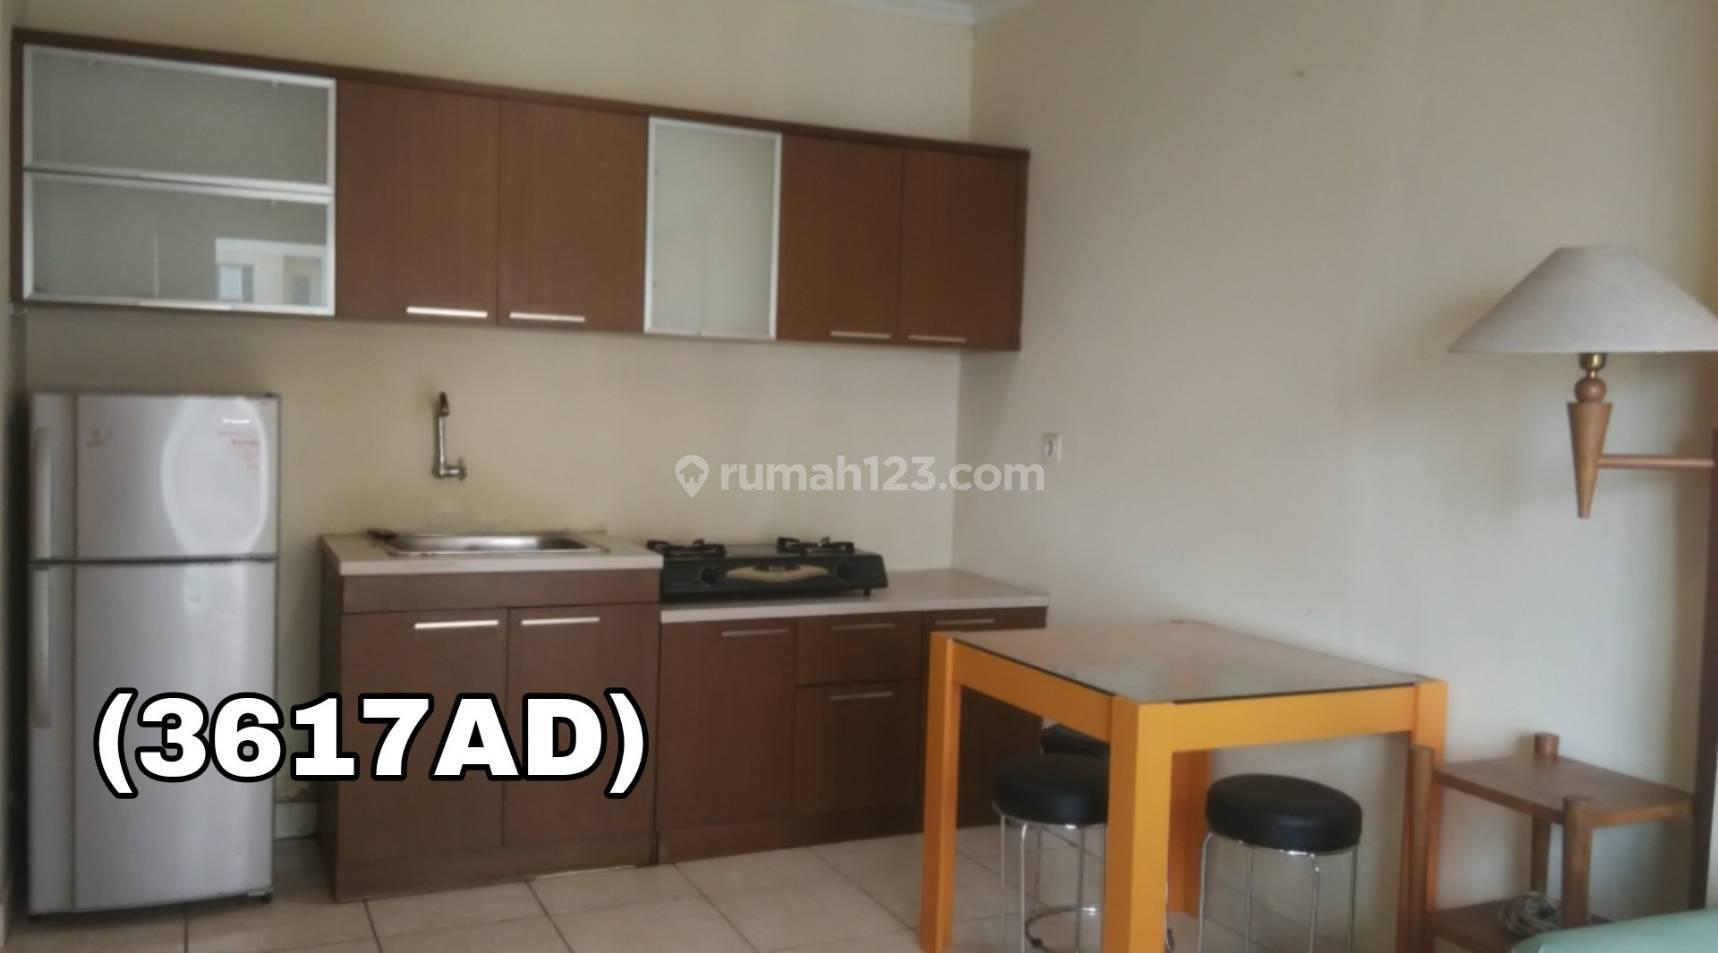 (3617AD) Apartemen City Home Moi Hawaian Bay Furnish Bulanan Murah